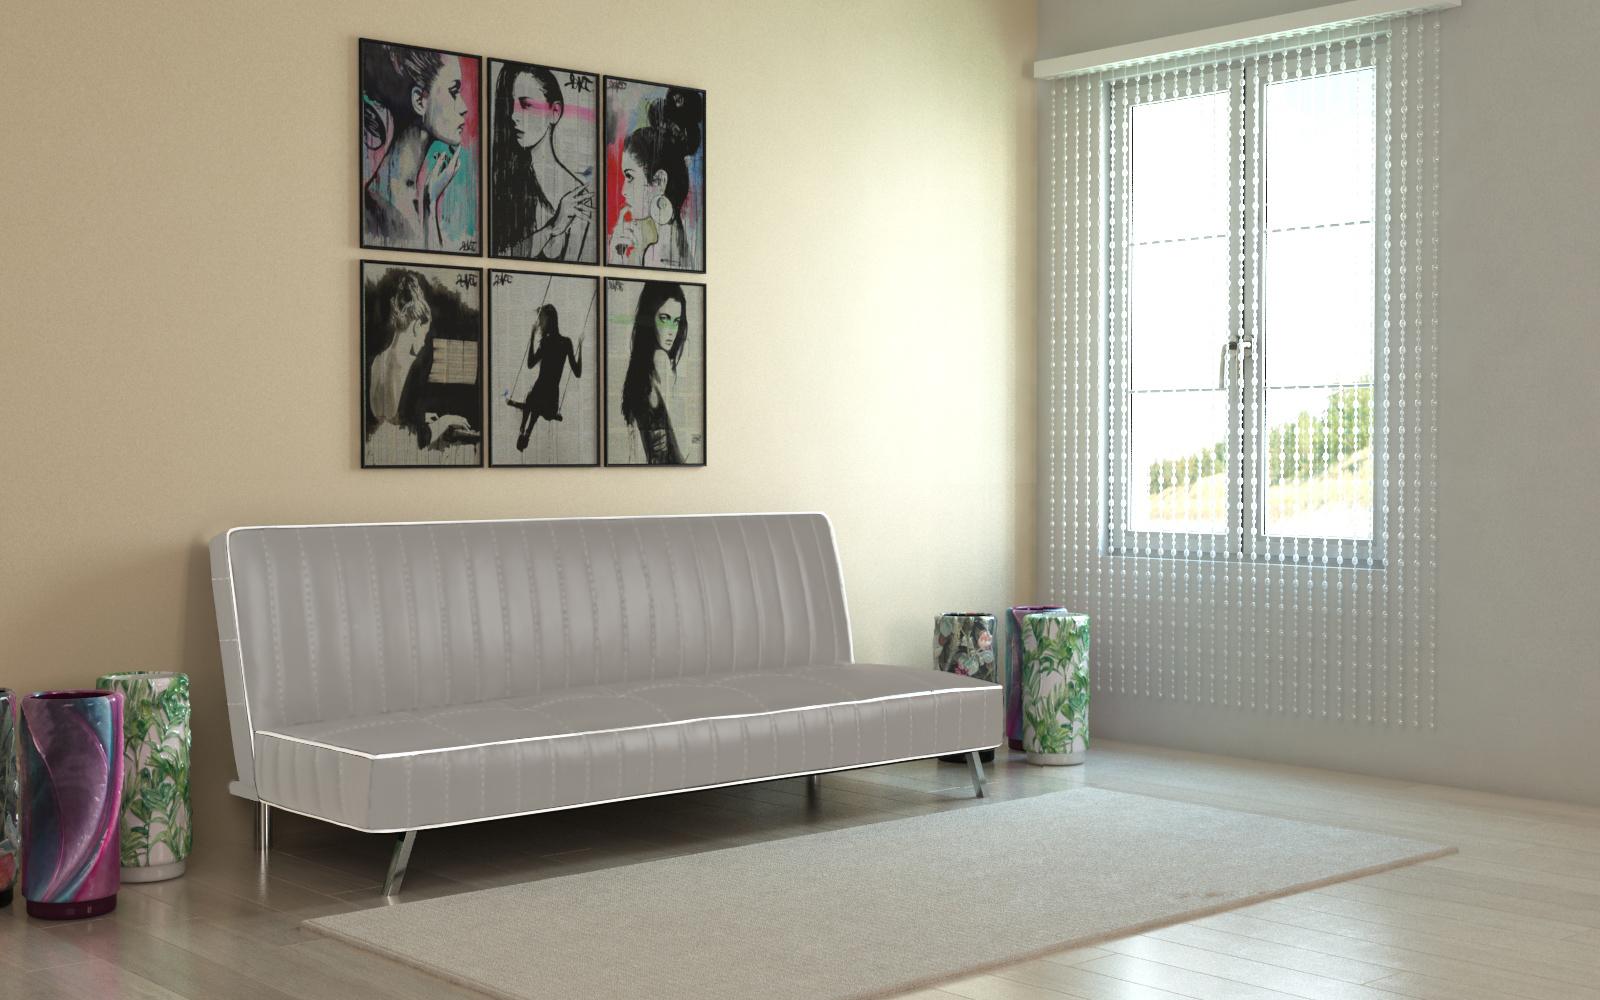 Sofá-Cama polipele - 2 cores